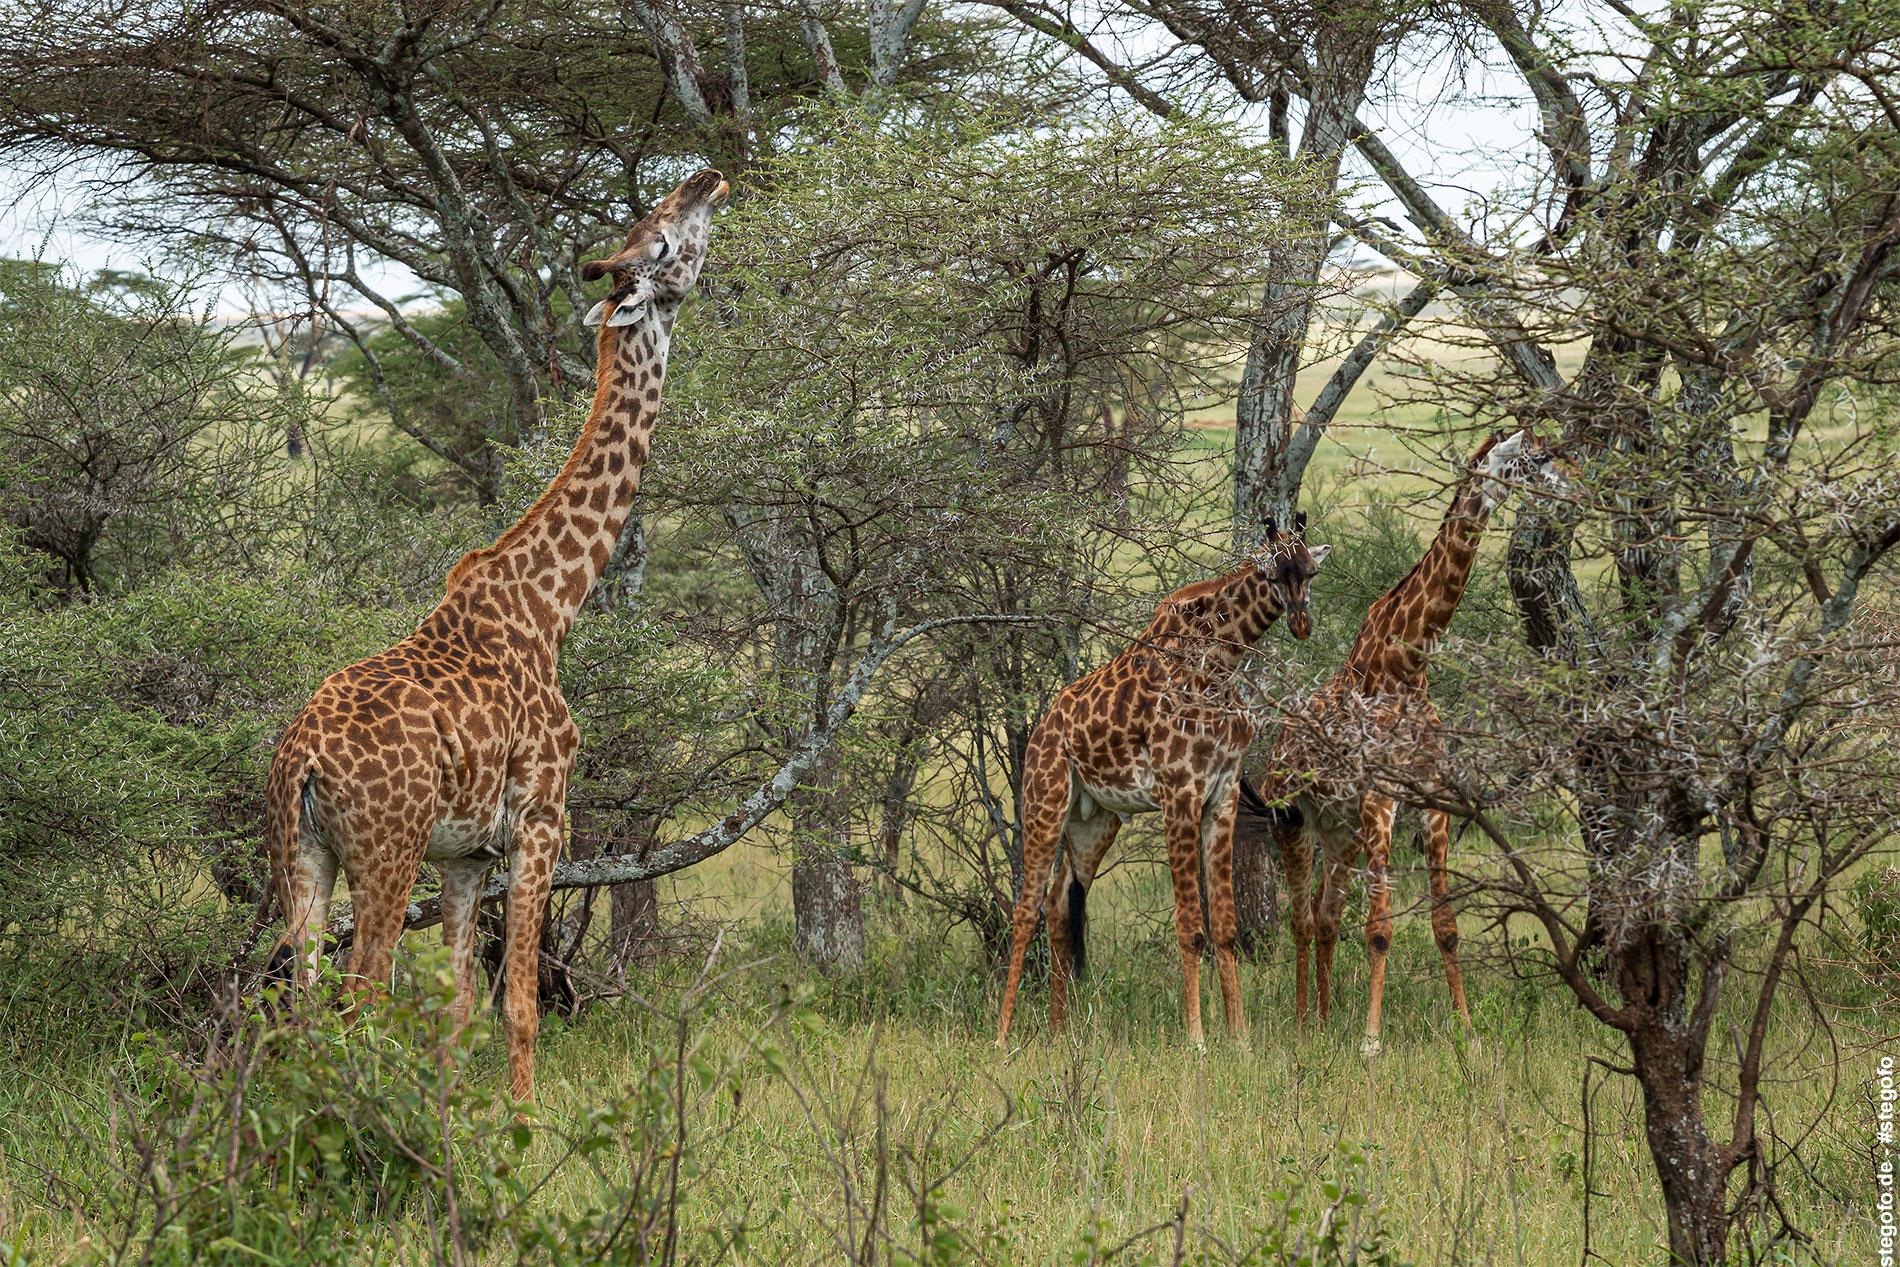 Die Giraffen lassen es sich schmecken - Serengeti Nationalpark - 02.2019